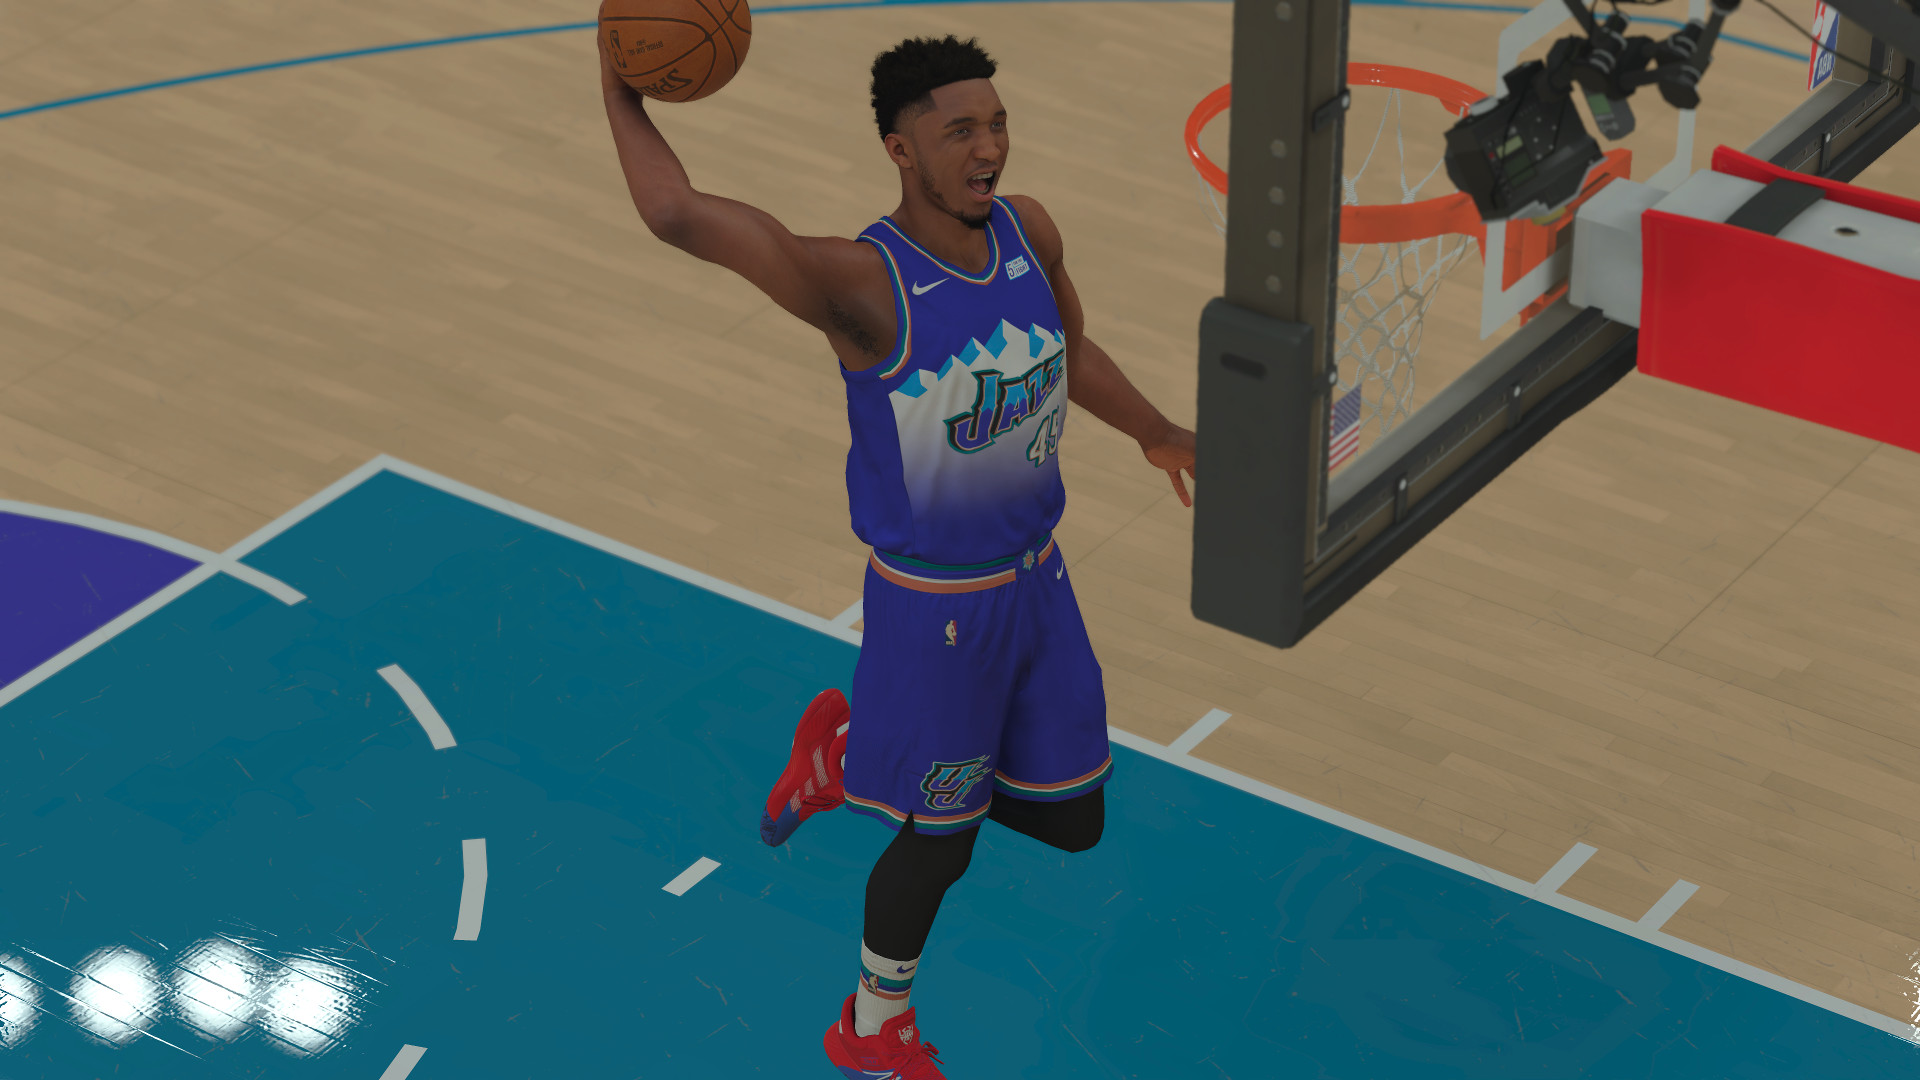 Probabilidades del torneo 'NBA 2K': favoritos entre paréntesis, apuestas de apoyo para el Torneo de jugadores 2020 48